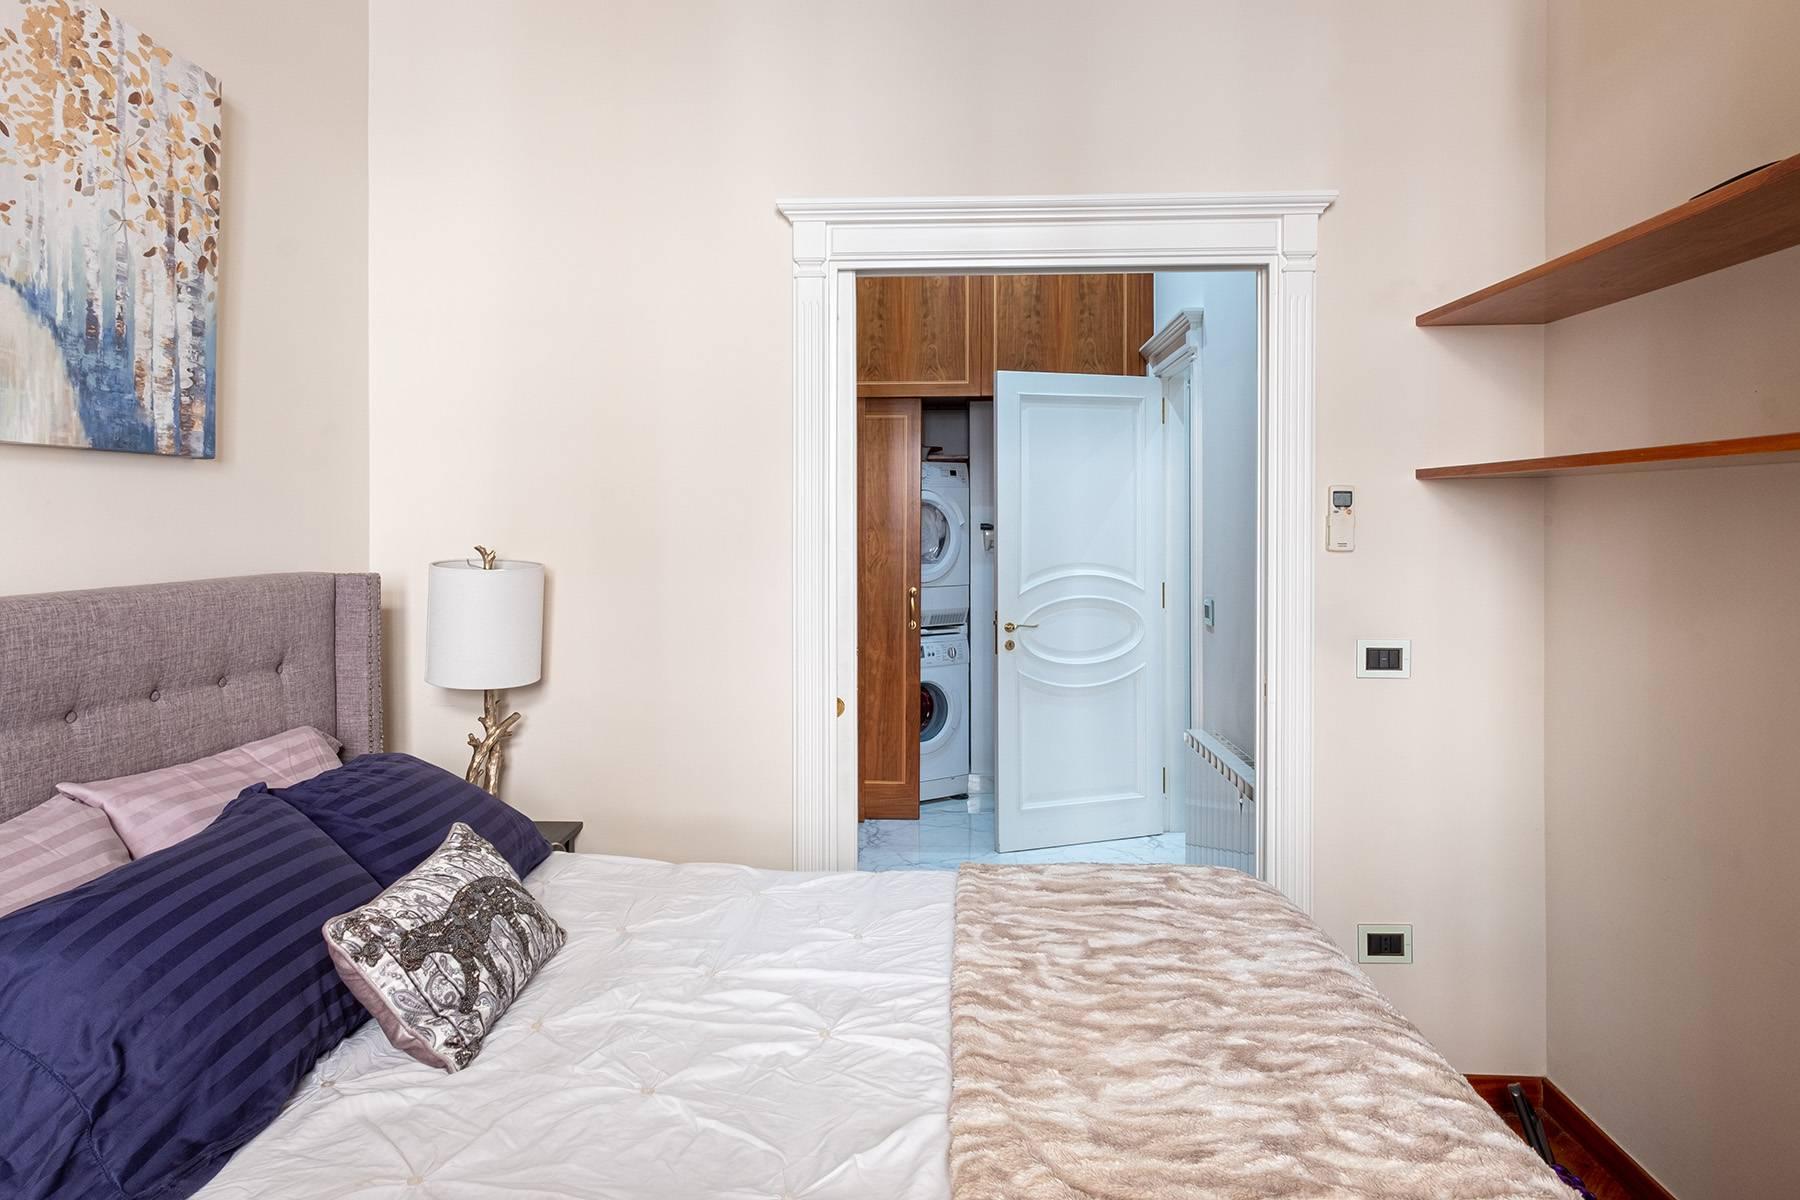 Appartamento in Vendita a Napoli: 5 locali, 120 mq - Foto 14